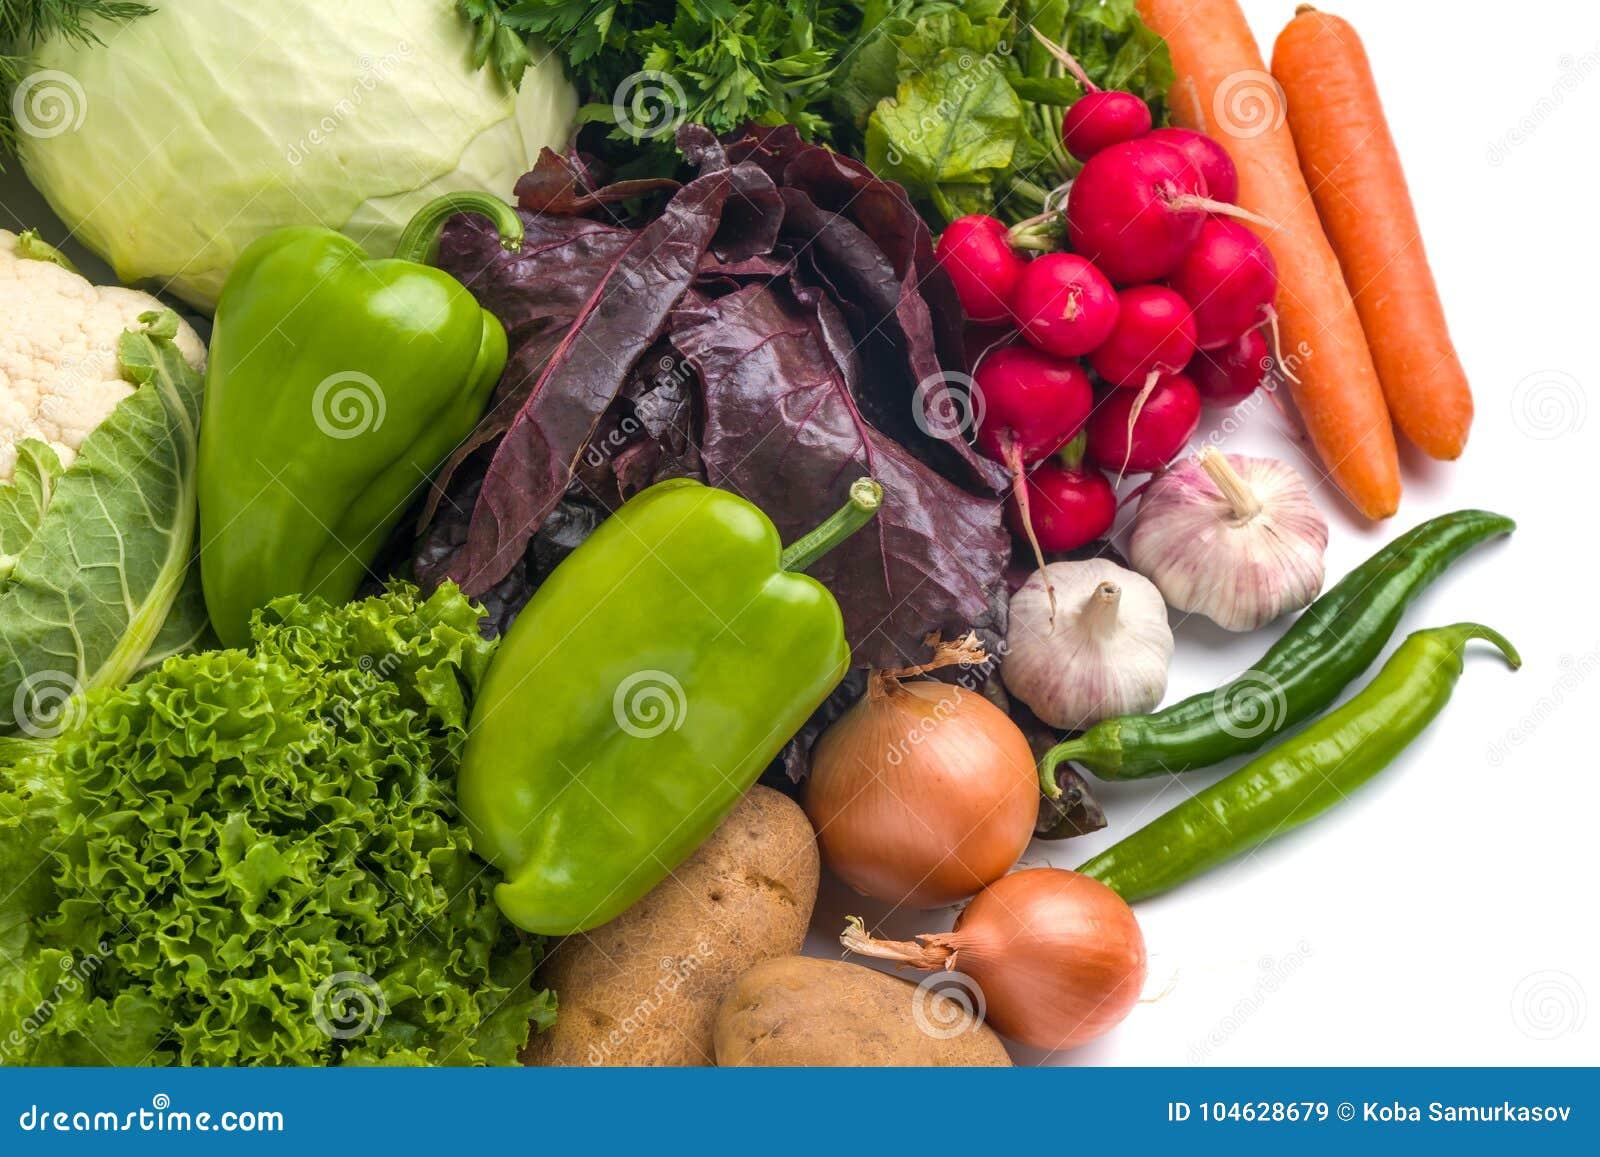 Download Sluit Omhoog Van Diverse Kleurrijke Rauwe Groenten Op Witte Achtergrond Stock Afbeelding - Afbeelding bestaande uit divers, naughty: 104628679